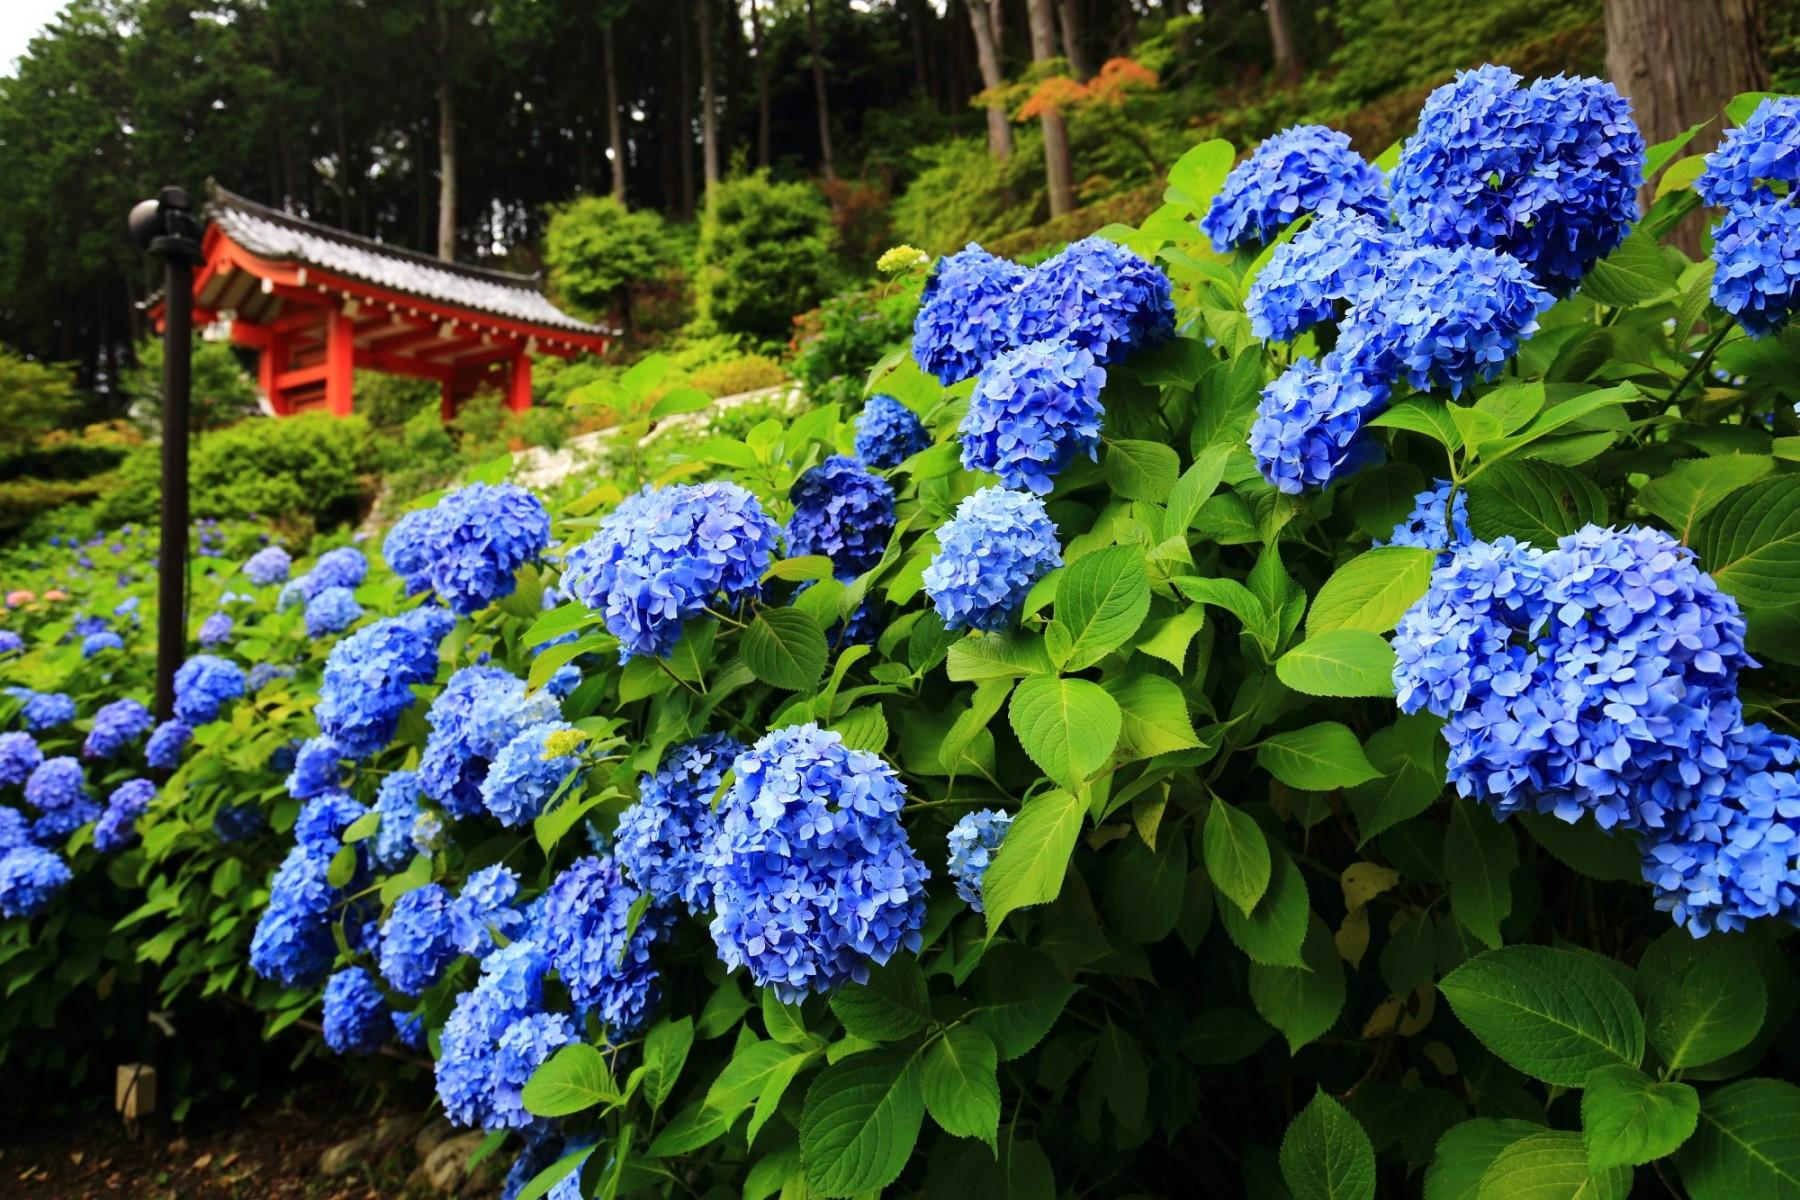 京都宇治三室戸寺のあじさい園の満開の紫陽花と山門 2015年6月11日